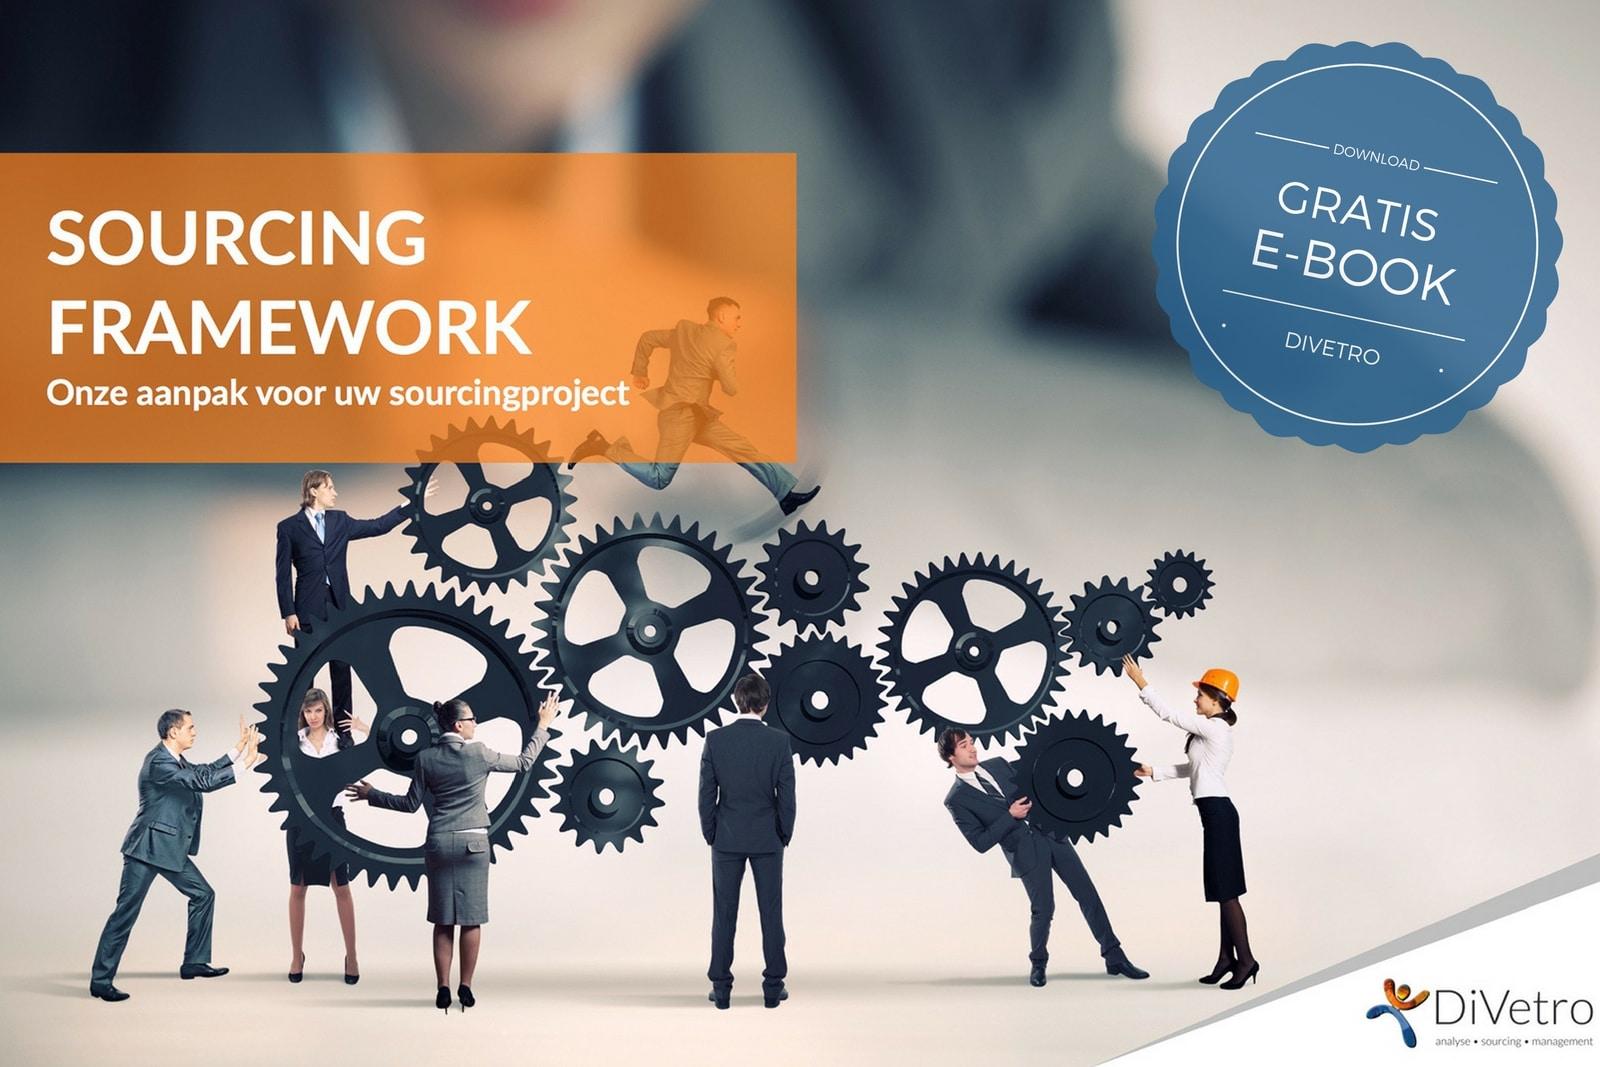 Download het DiVetro Sourcing e-book